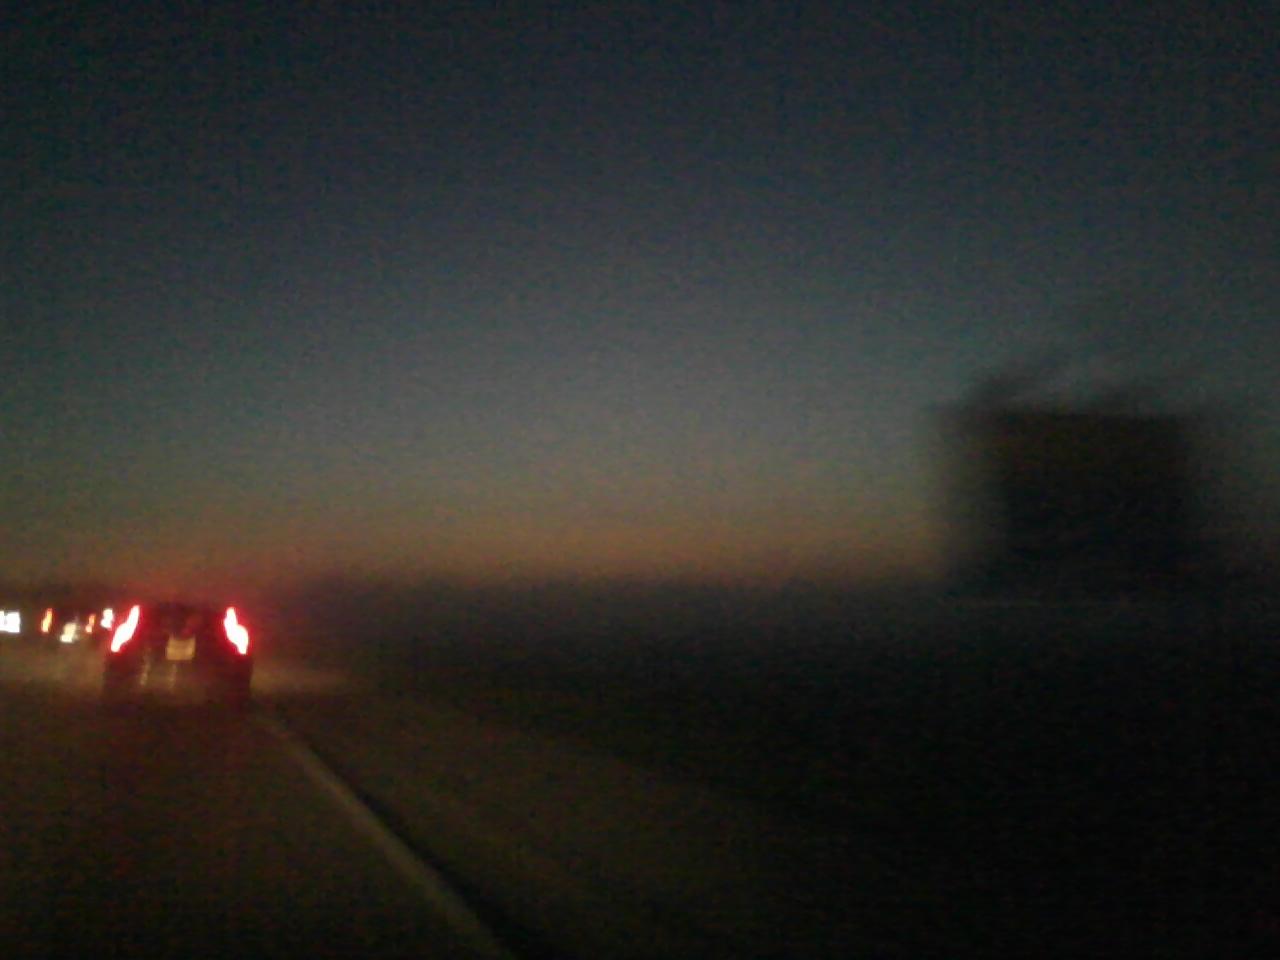 Sky - 0324065145.jpg